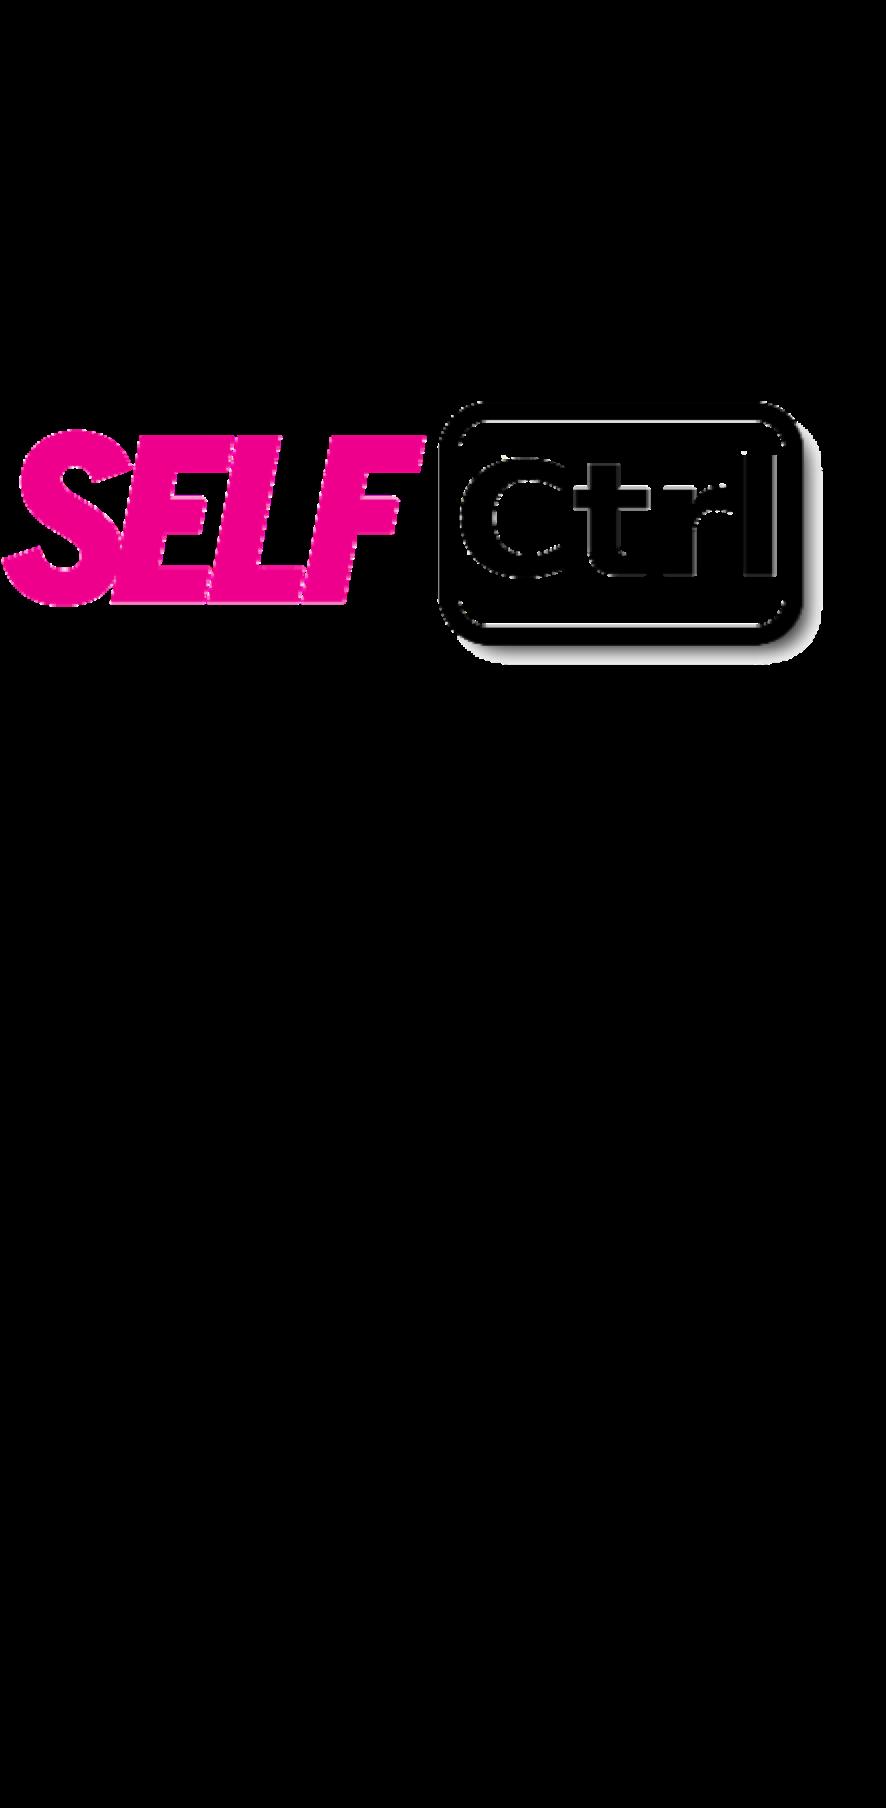 cover self control